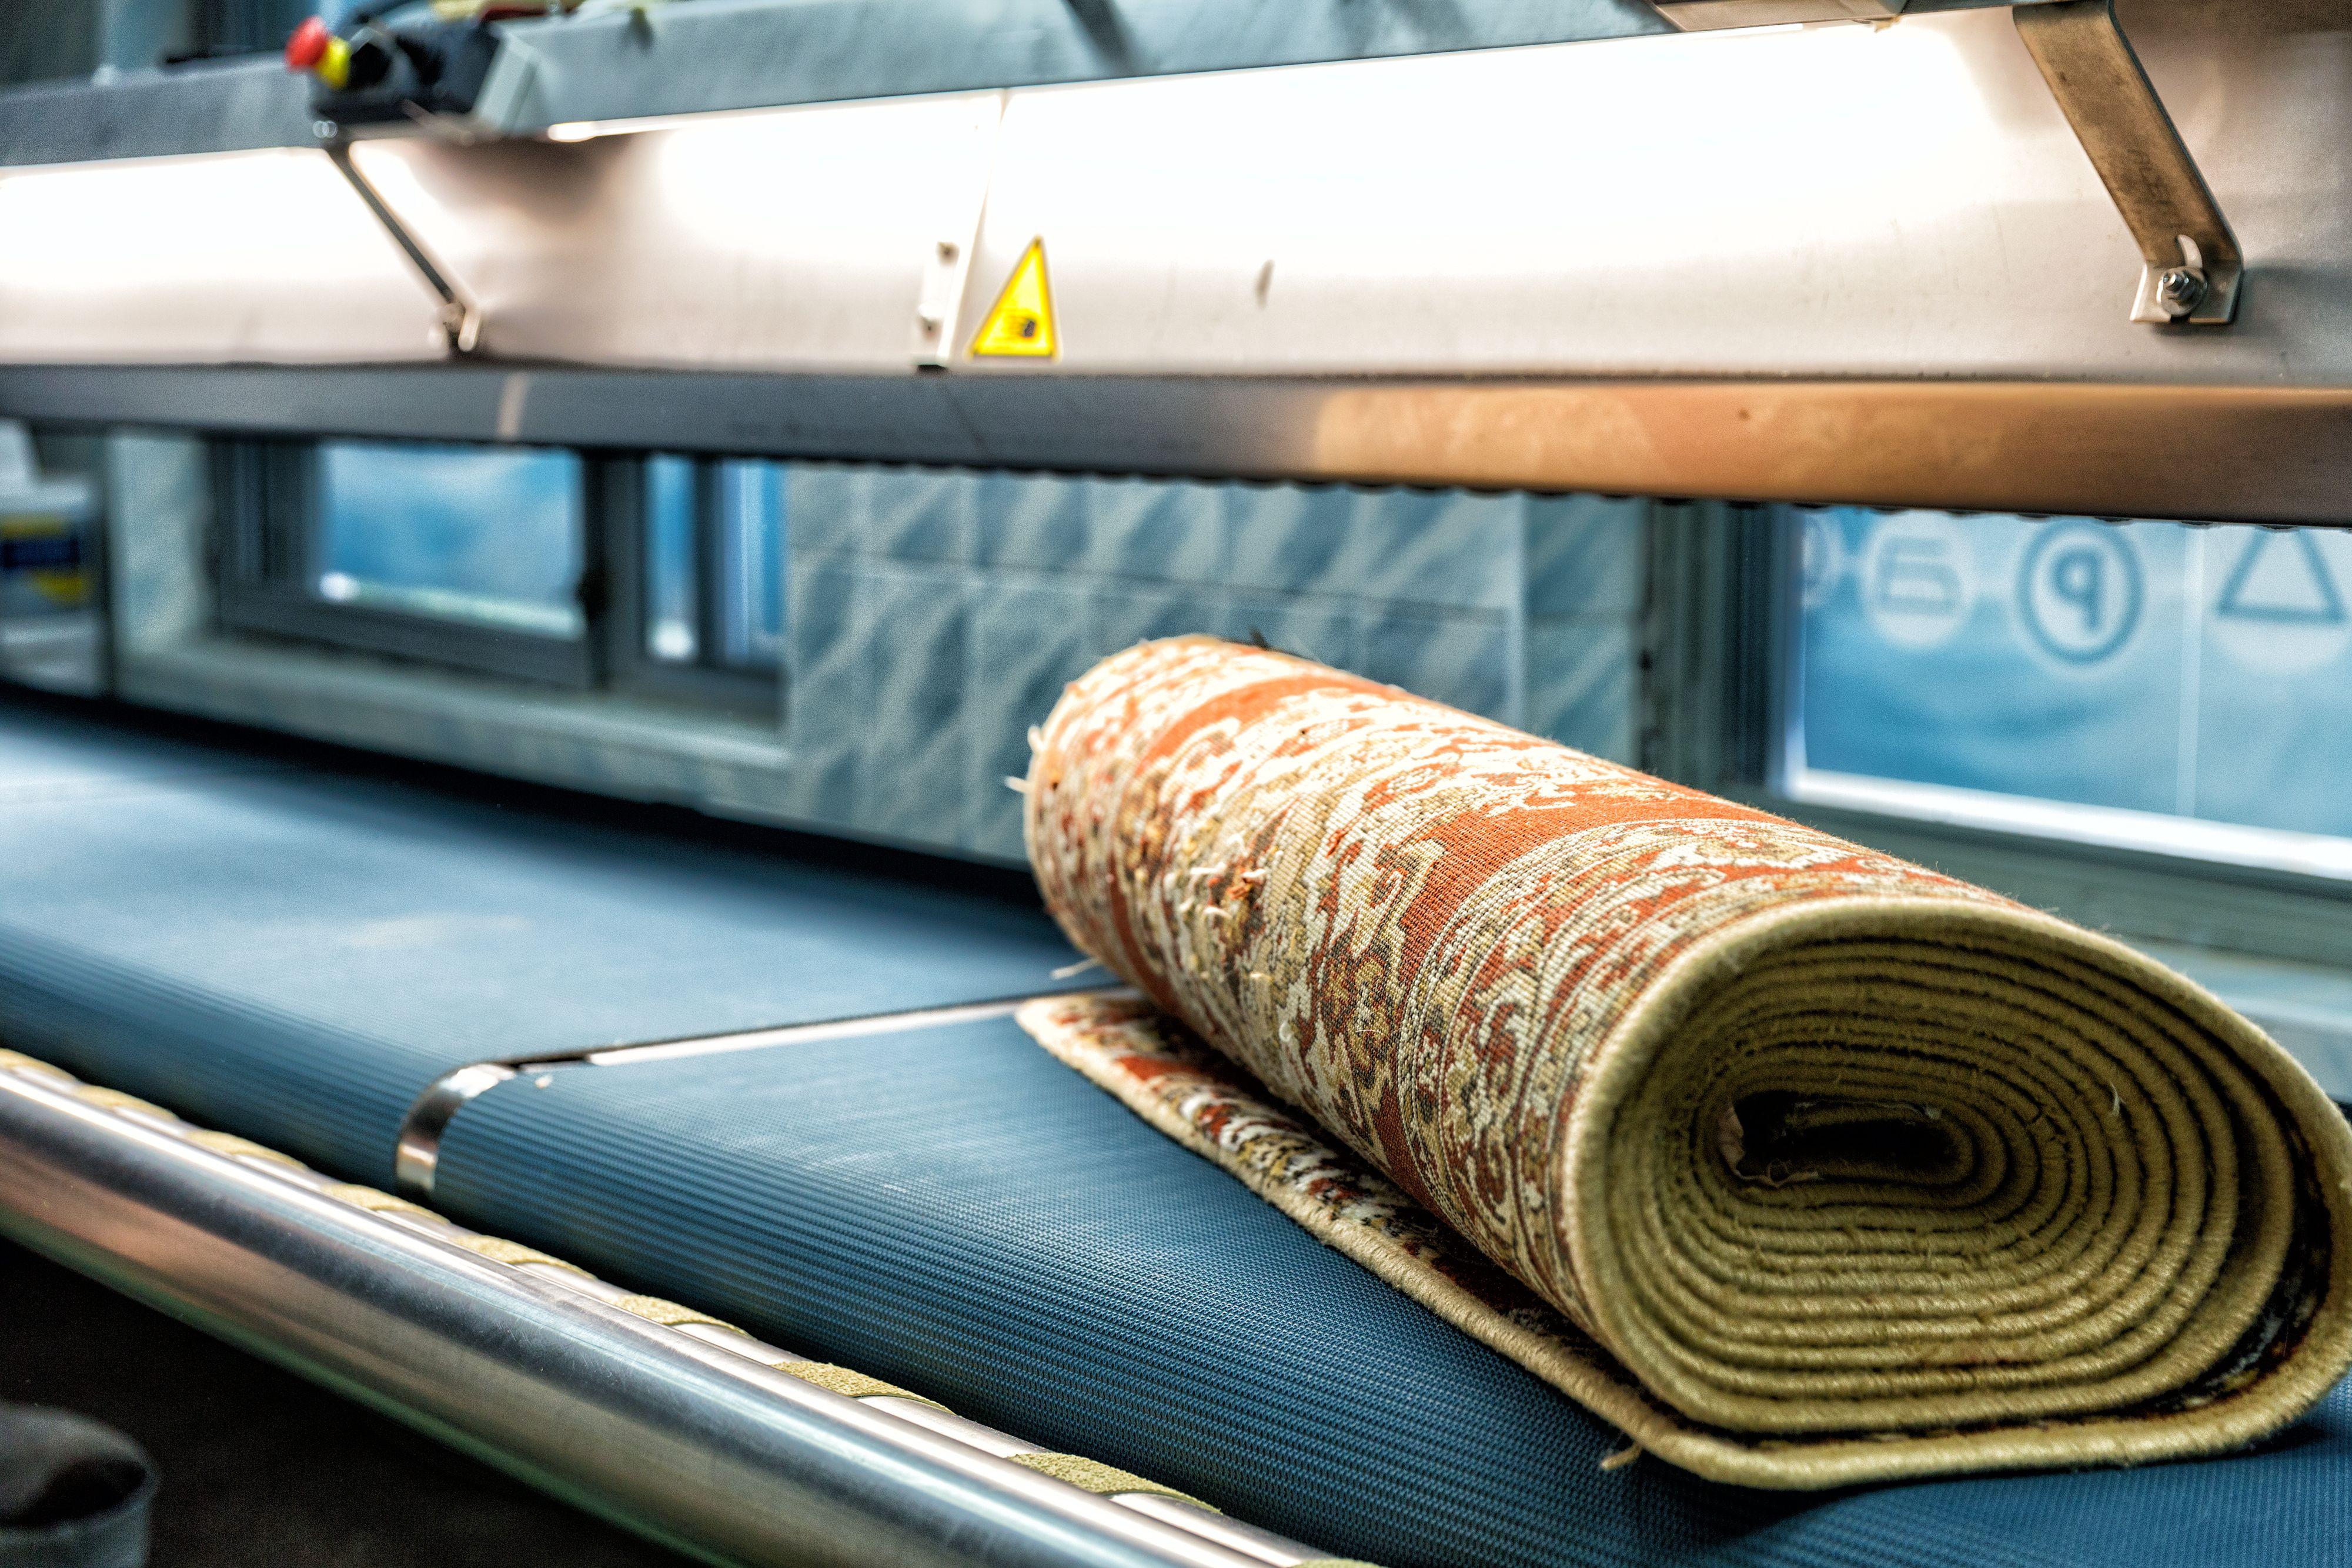 Limpieza de alfombras y pieles: Servicios de Tinteco tintorerías